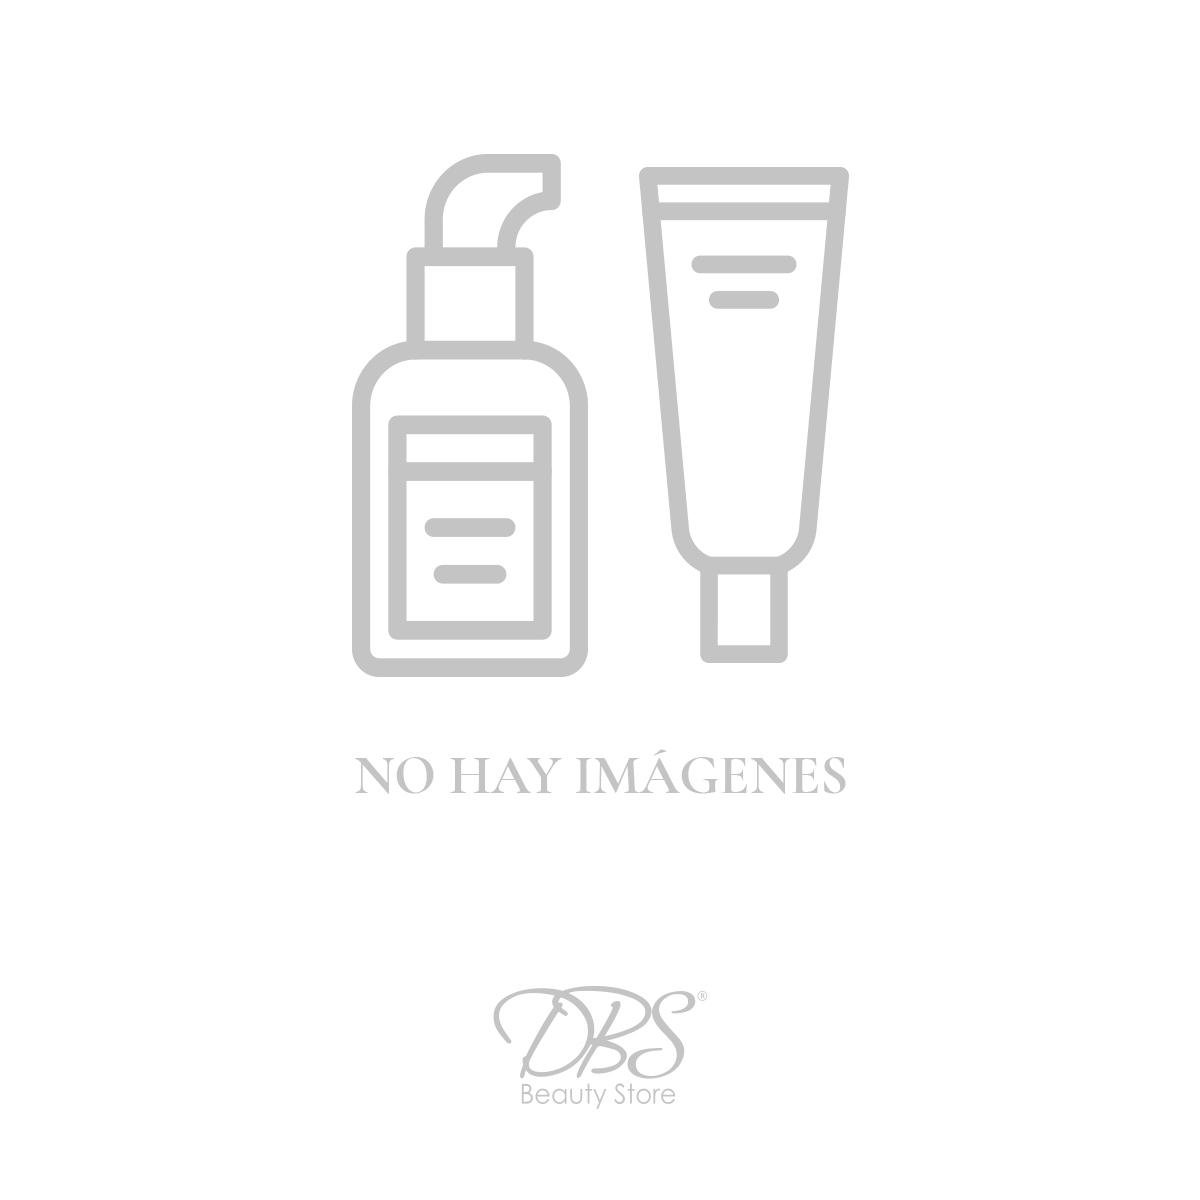 dbs-cosmetics-DBS-SCH5315-MP.jpg